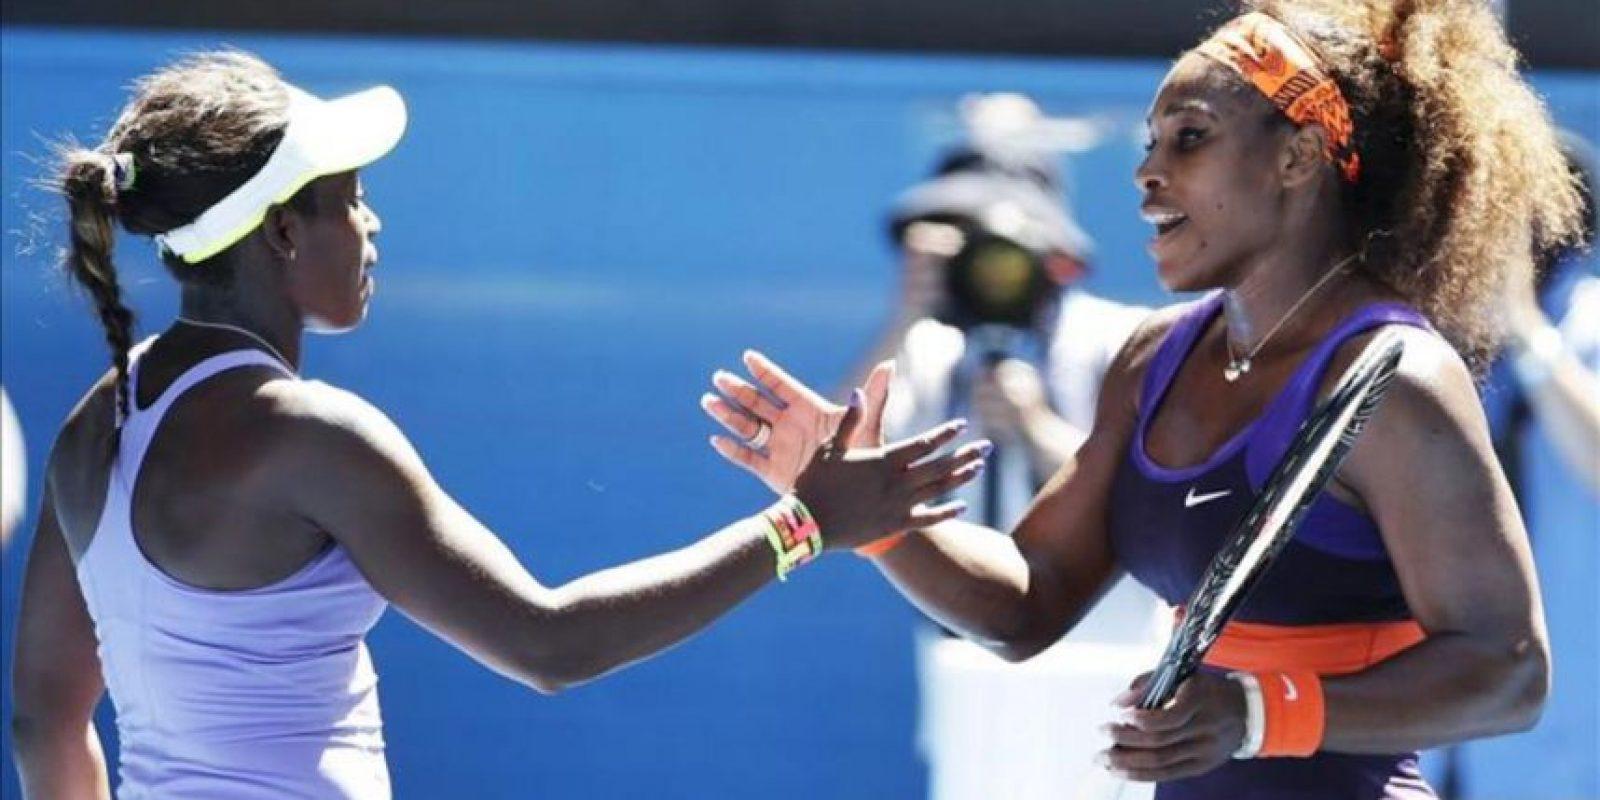 La tenista estadounidense Sloane Stephens (i) saluda a su compatriota Serena Williams hoy, miércoles 23 de enero de 2013, tras un partido por los cuartos de final del Abierto de Australia, en Melbourne (Australia). EFE